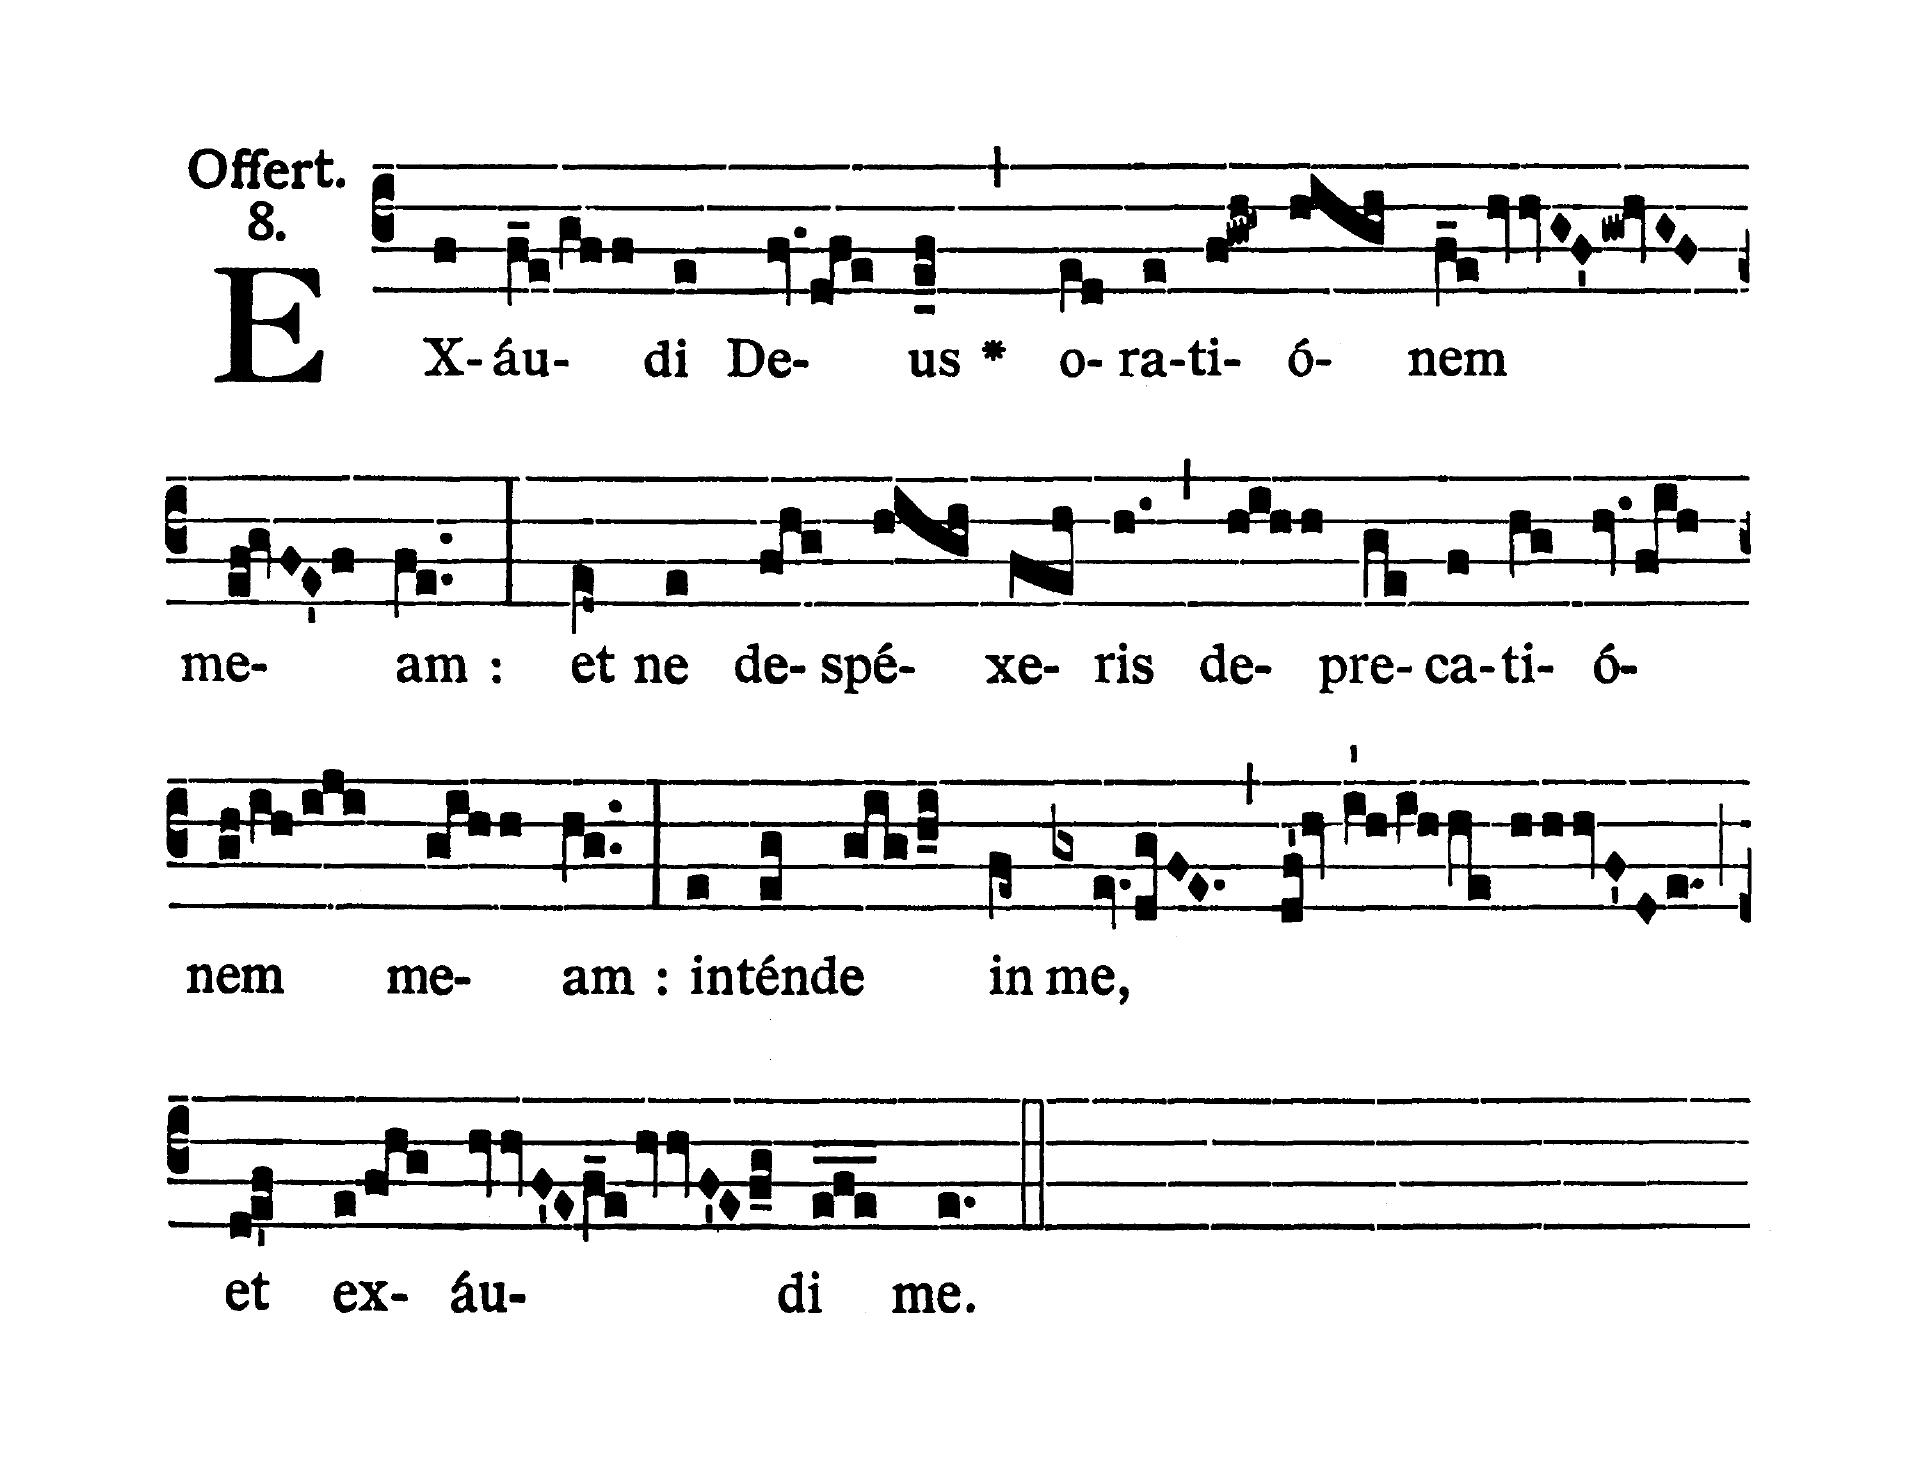 Feria II post Dominicam III Quadragesimae (Monday after Third Sunday of Lent) - Offertorium (Exaudi Deus)